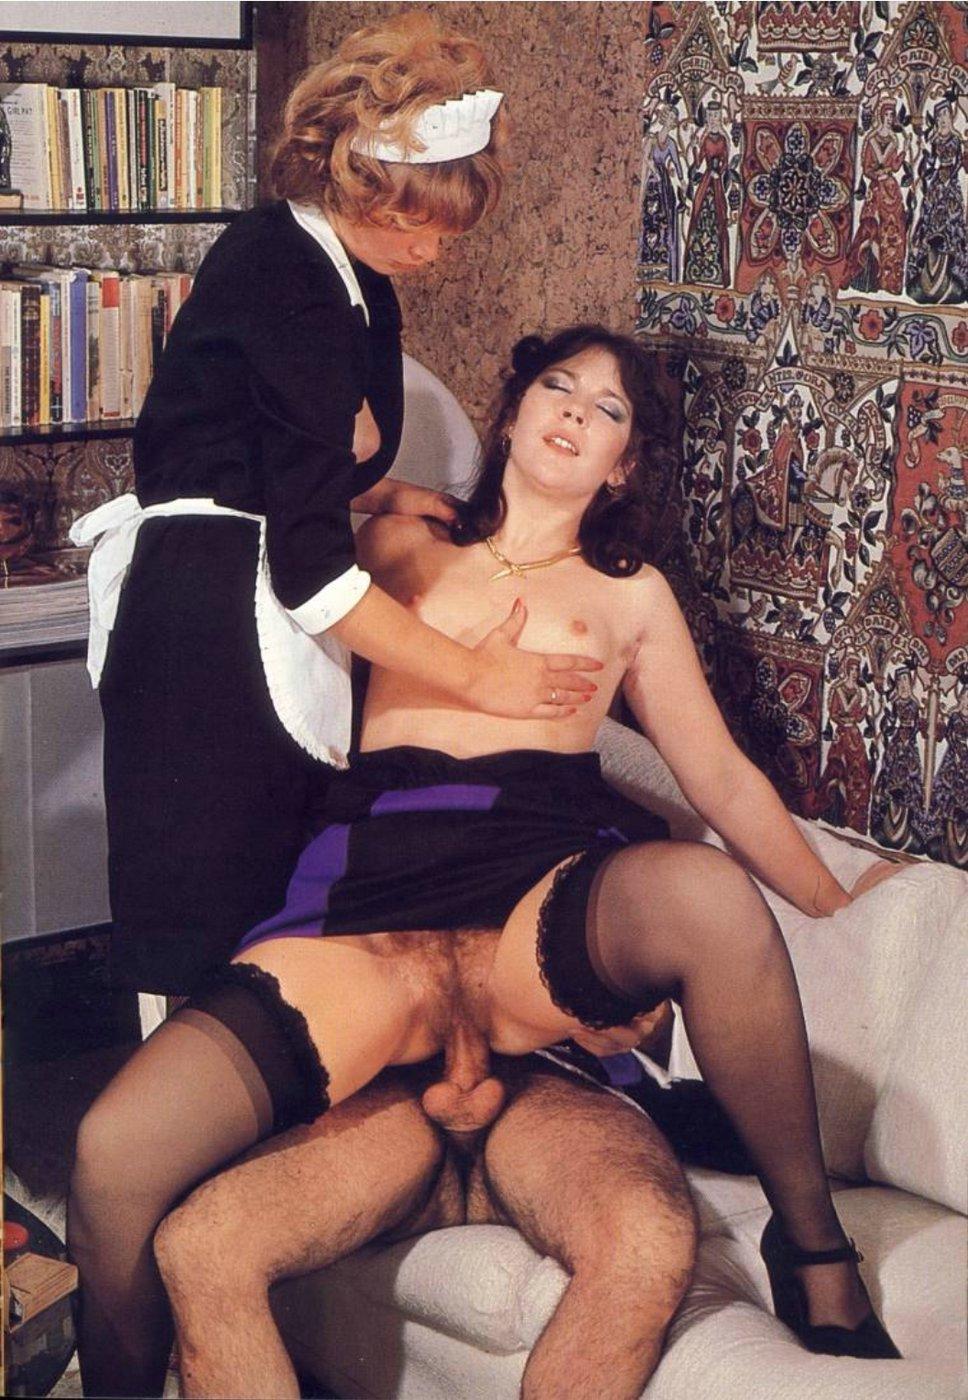 Фото порно прислуга фильмы телок улице частное